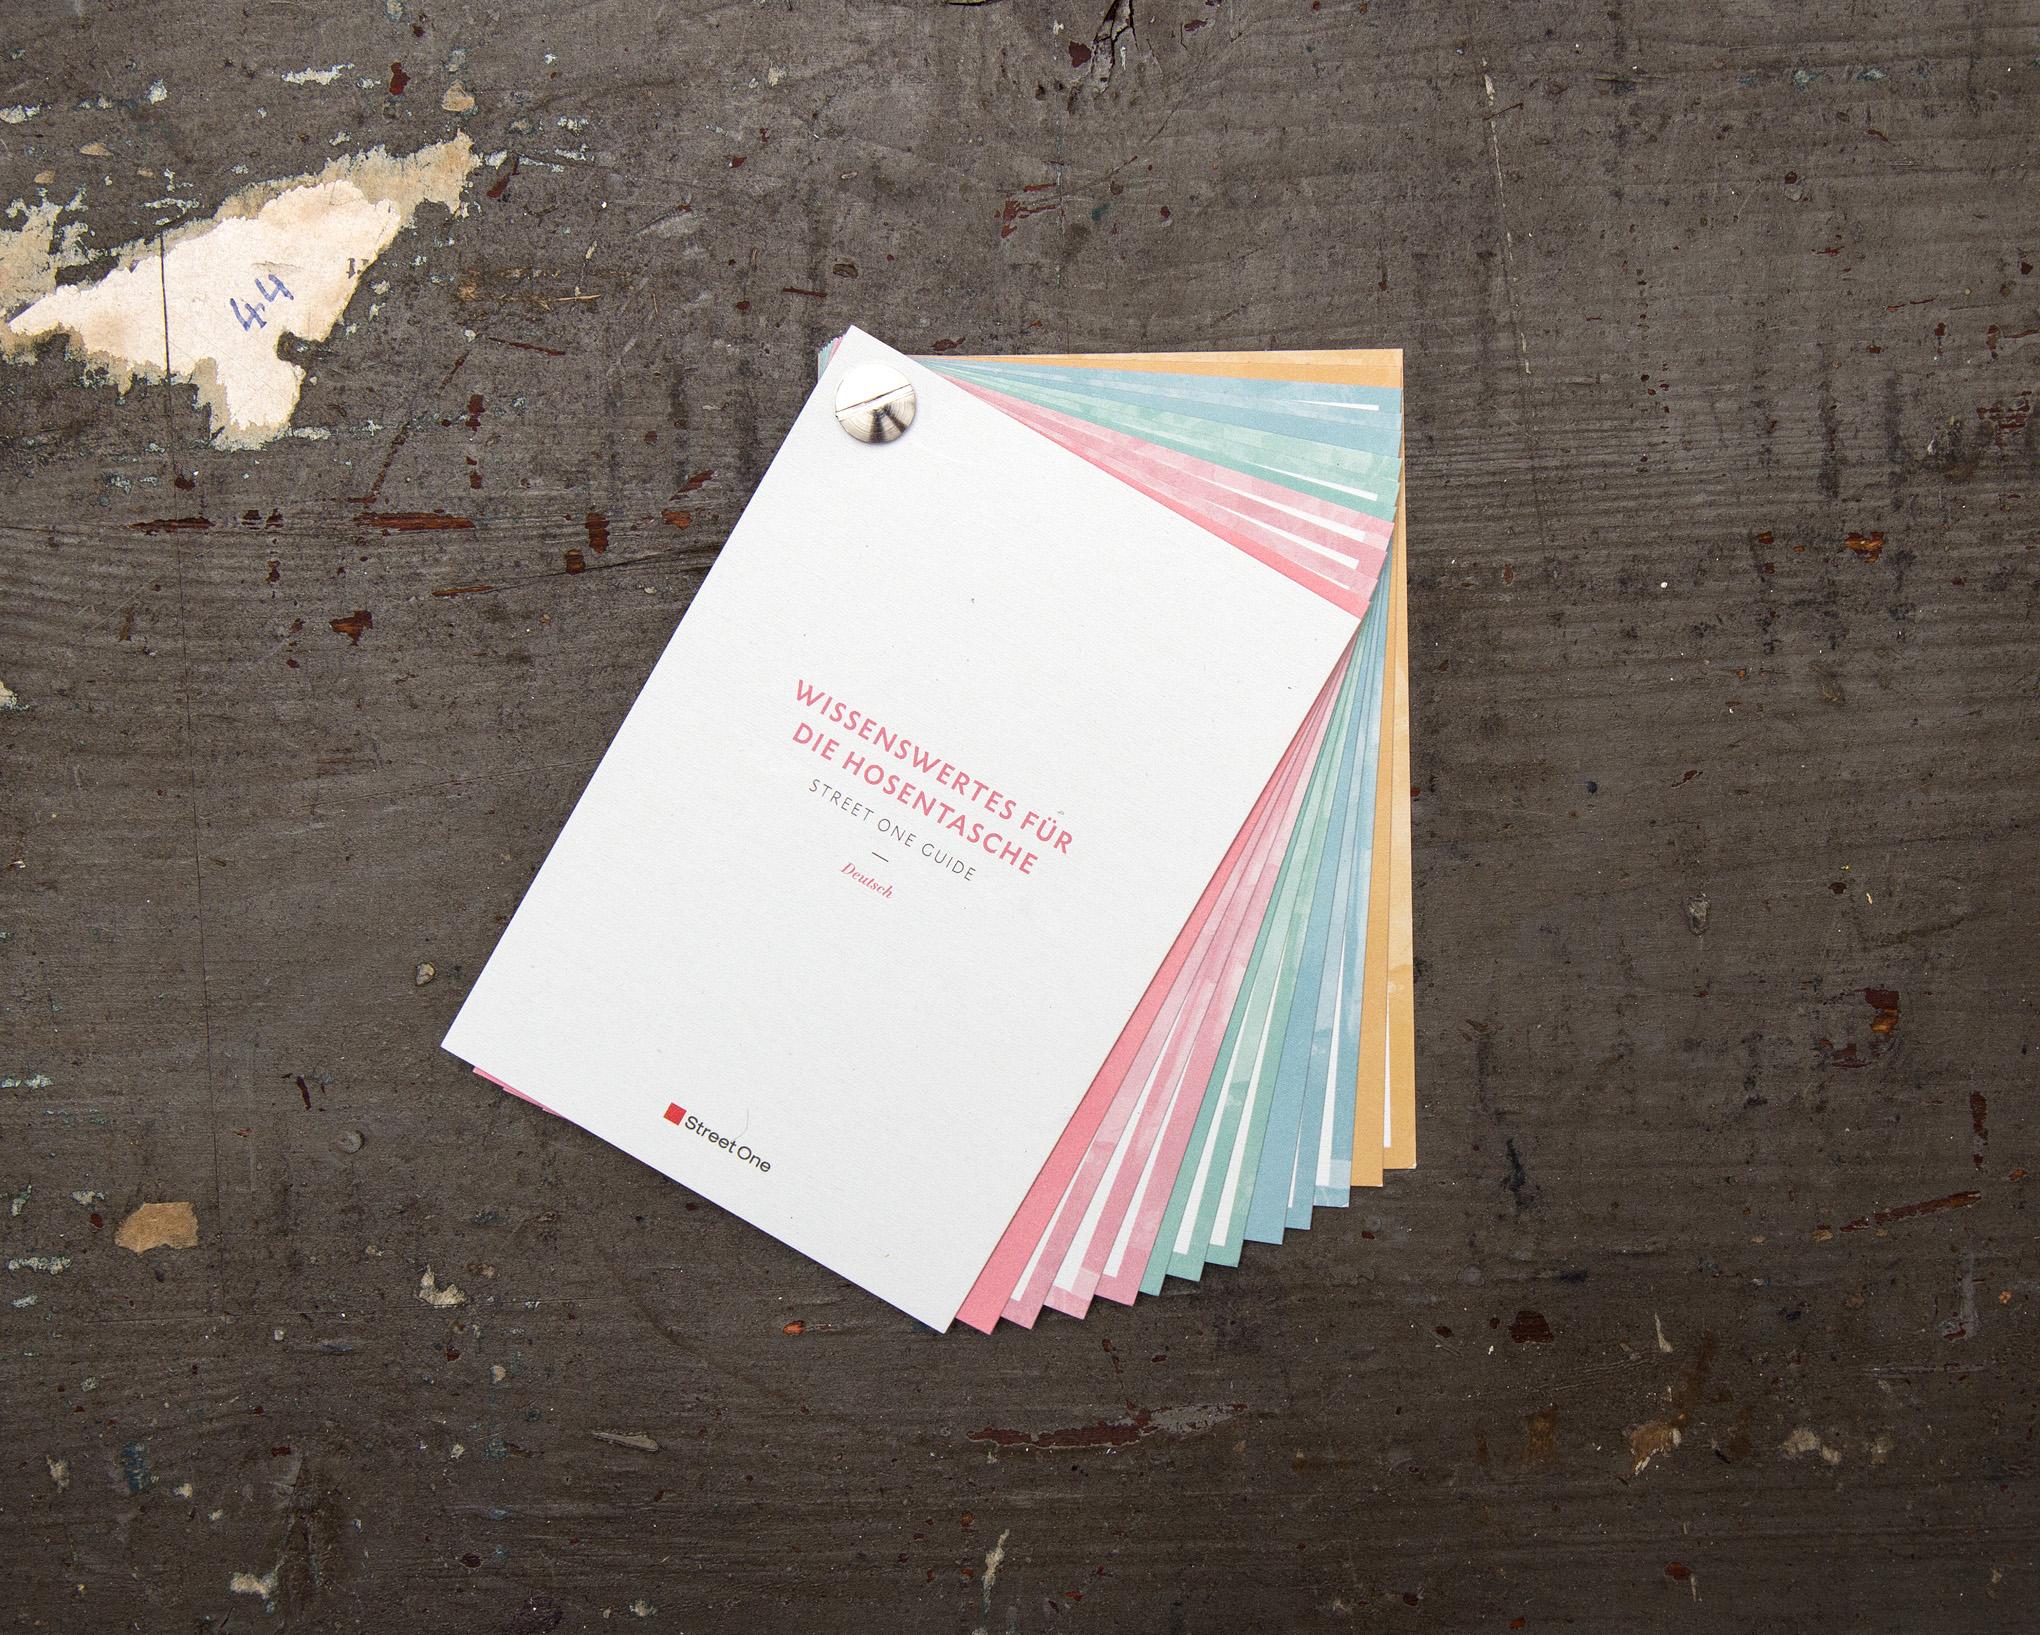 Gestaltung (sons of ipanema) eines Pocket Guides für Street One mit Aquarellflächen und Typografie.